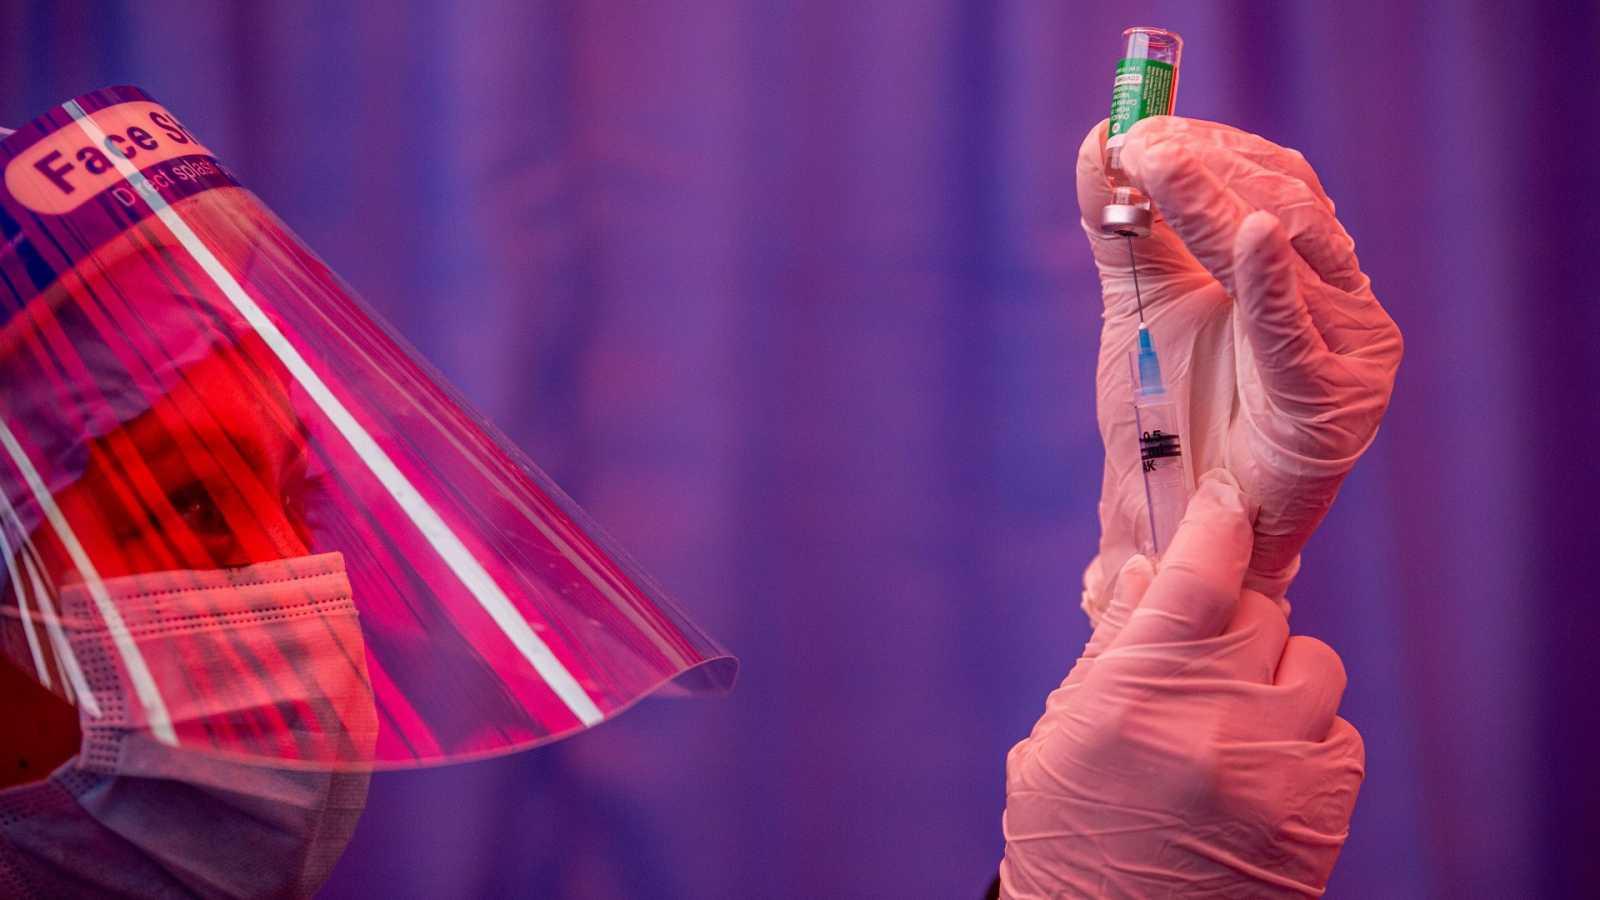 La variante de coronavirus británica podría ser mayoritaria en España a partir de marzo